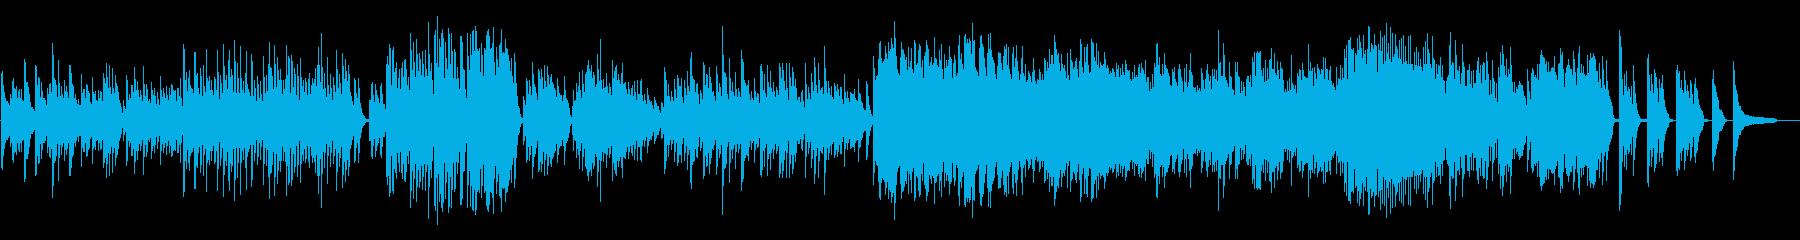 えっとこれは、べ、ベートーヴェン‥‥ン?の再生済みの波形